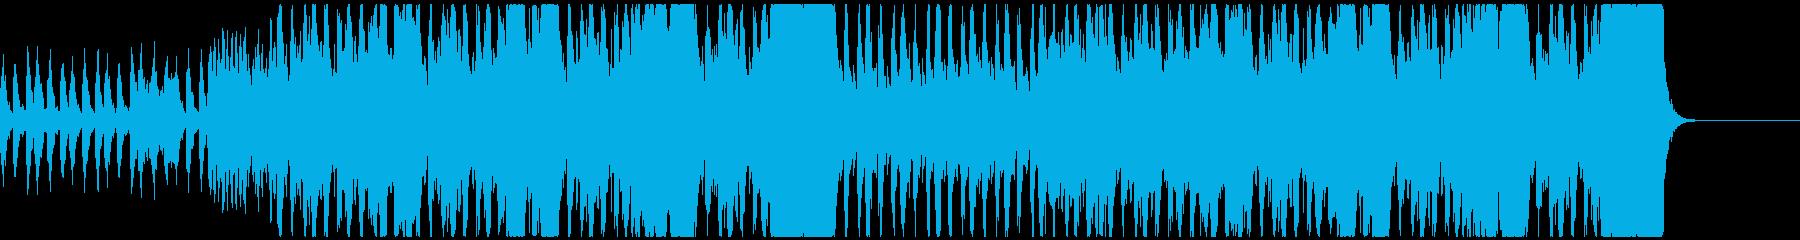 荘厳なオーケストラ風の再生済みの波形